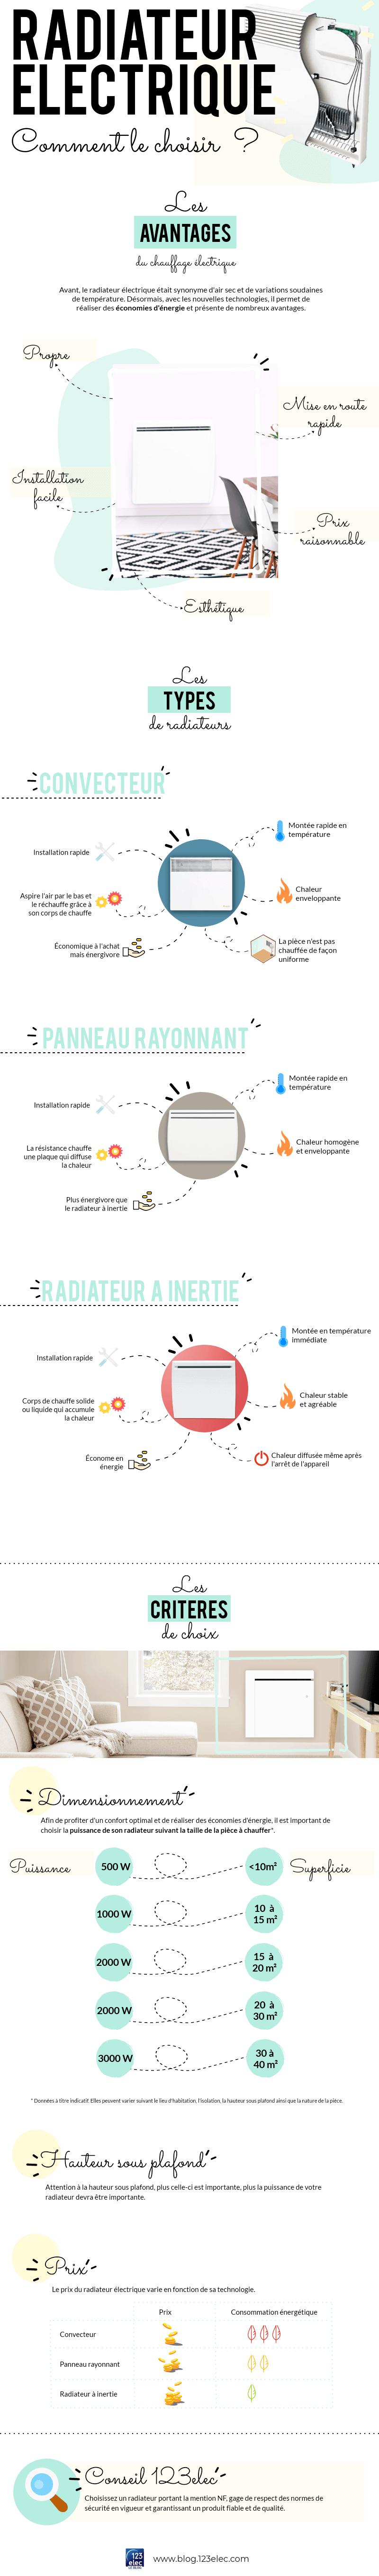 Infographie sur le choix du radiateur électrique